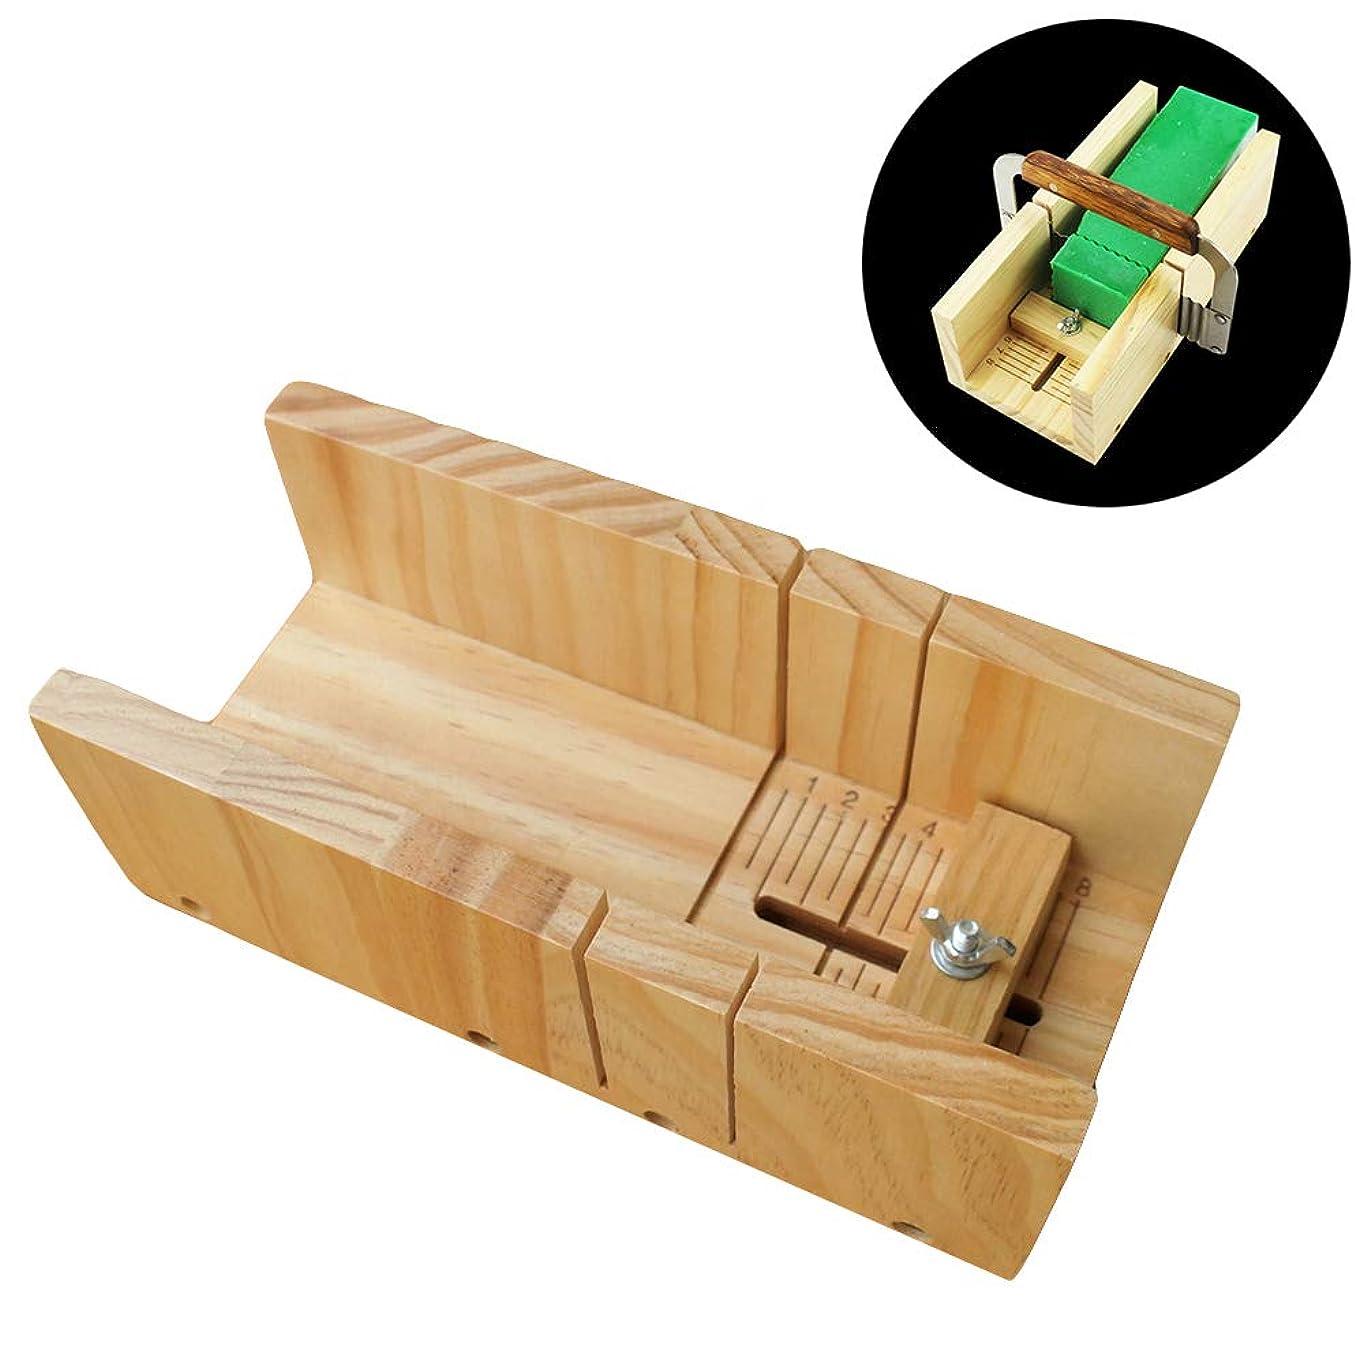 脅威珍味きちんとしたHealifty 木製石鹸カッターモールド石鹸ロープモールド調節可能なカッターモールドボックス石鹸ツールを作る